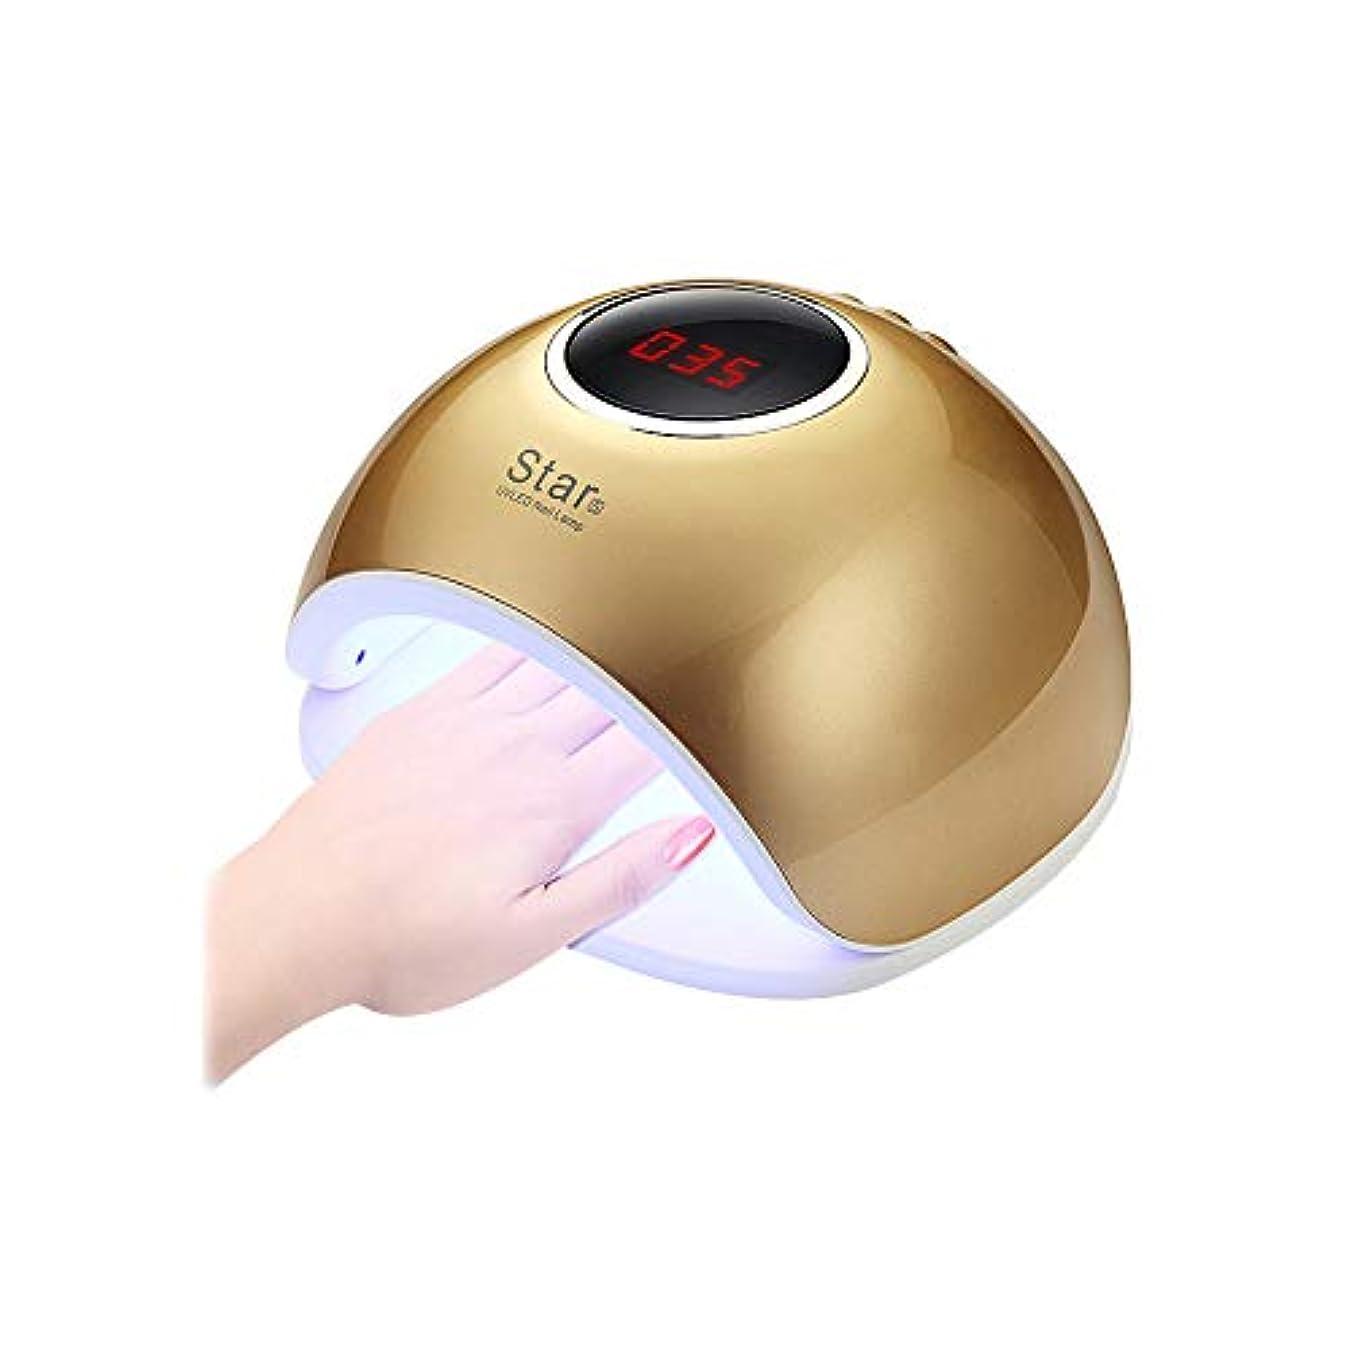 見捨てられた有効シニスホーム初心者ネイルスマート光療法機72ワットスマート誘導速乾性光線療法ランプネイルランプネイル硬化ランプネイルツールキット